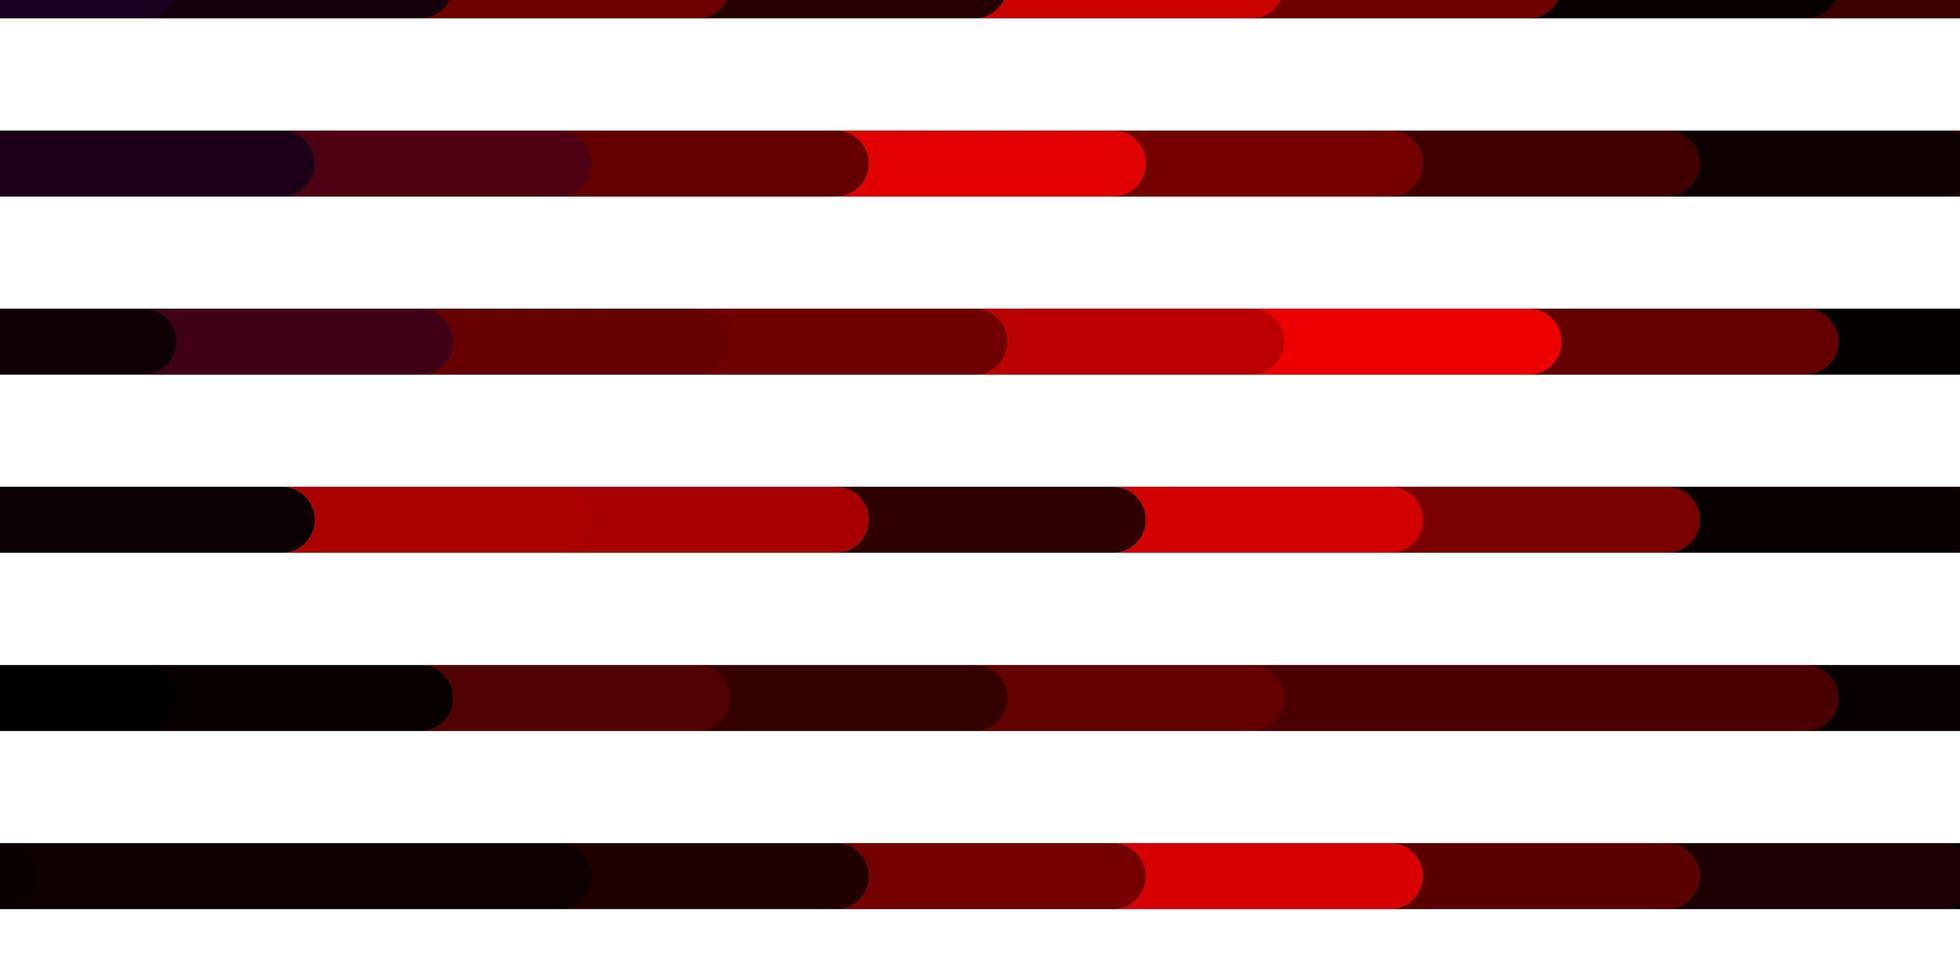 dunkelrosa, roter Vektorhintergrund mit Linien. vektor